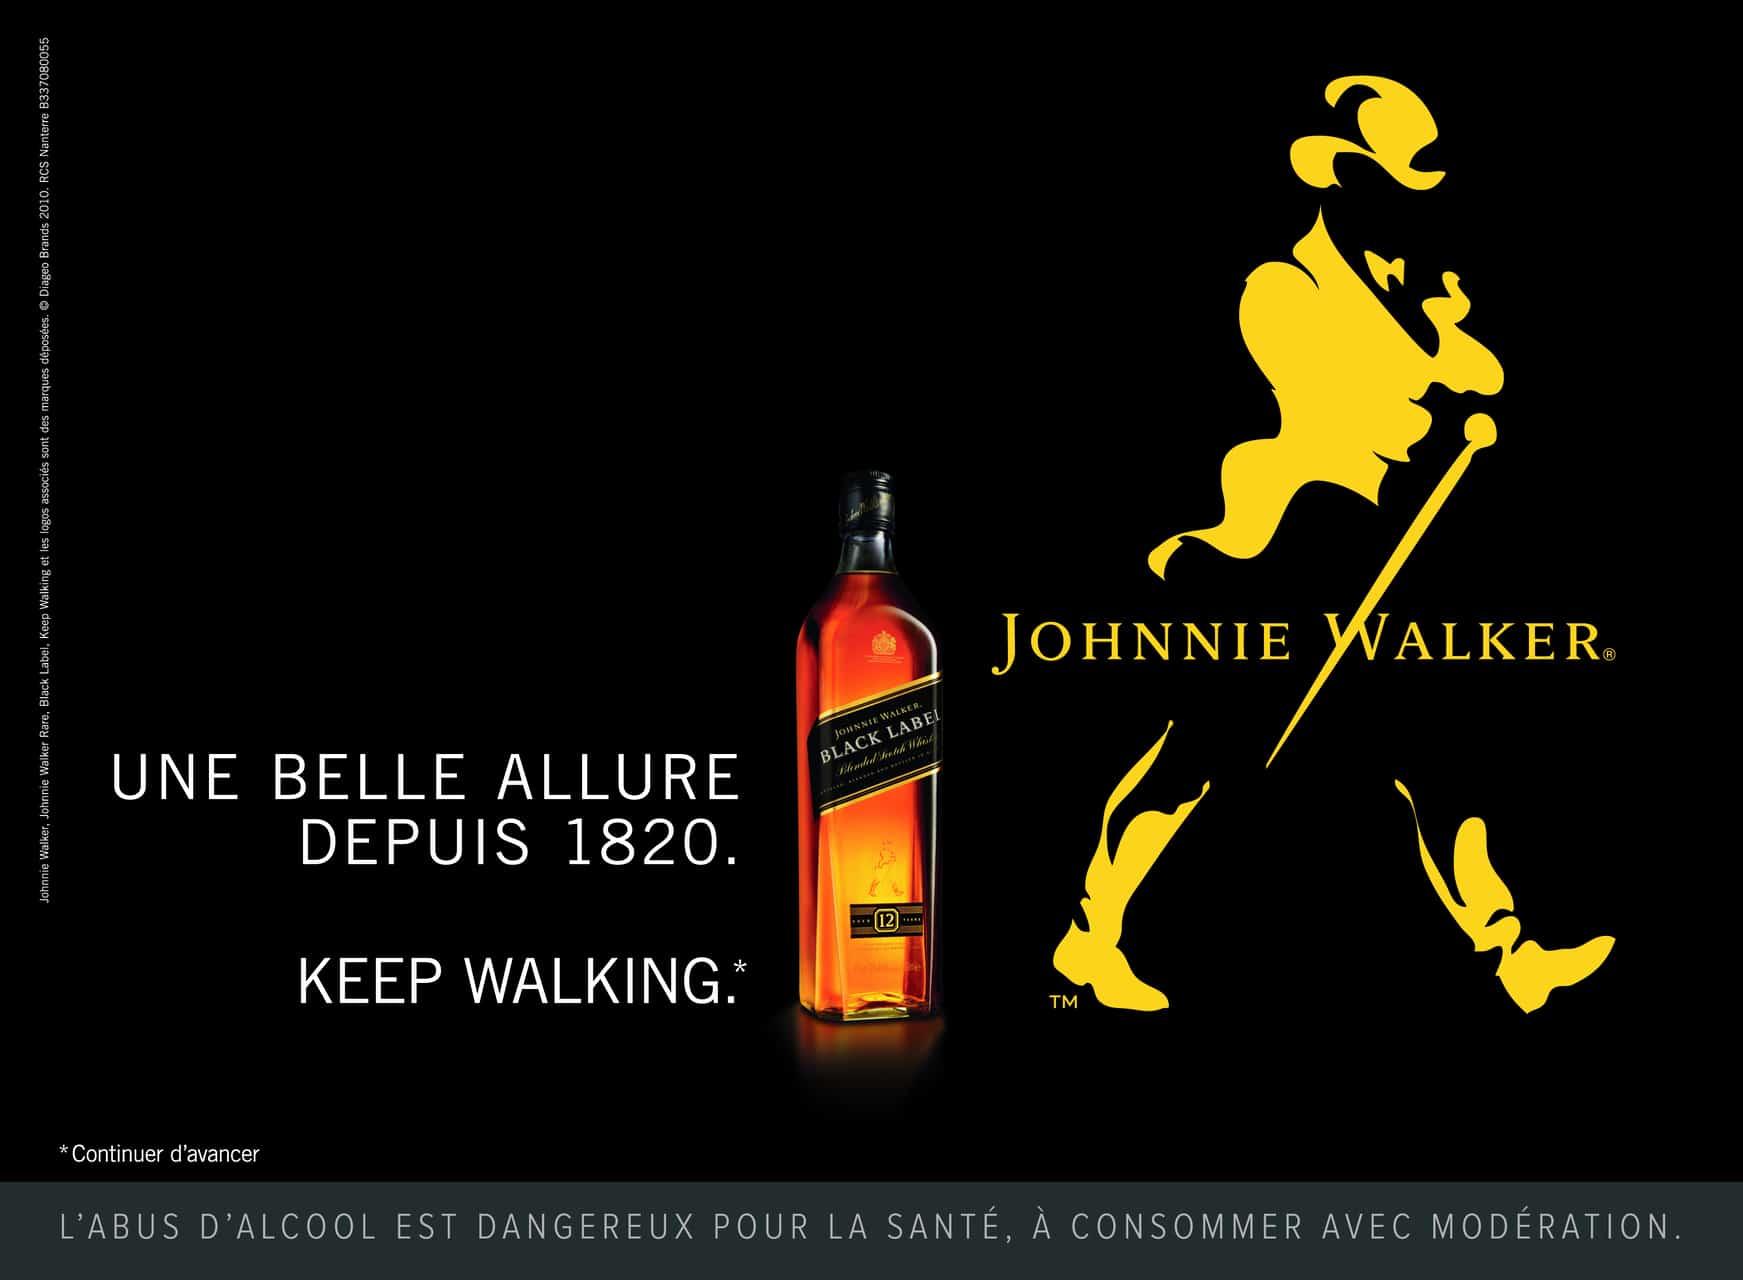 Pub Johnnie Walker Whisky